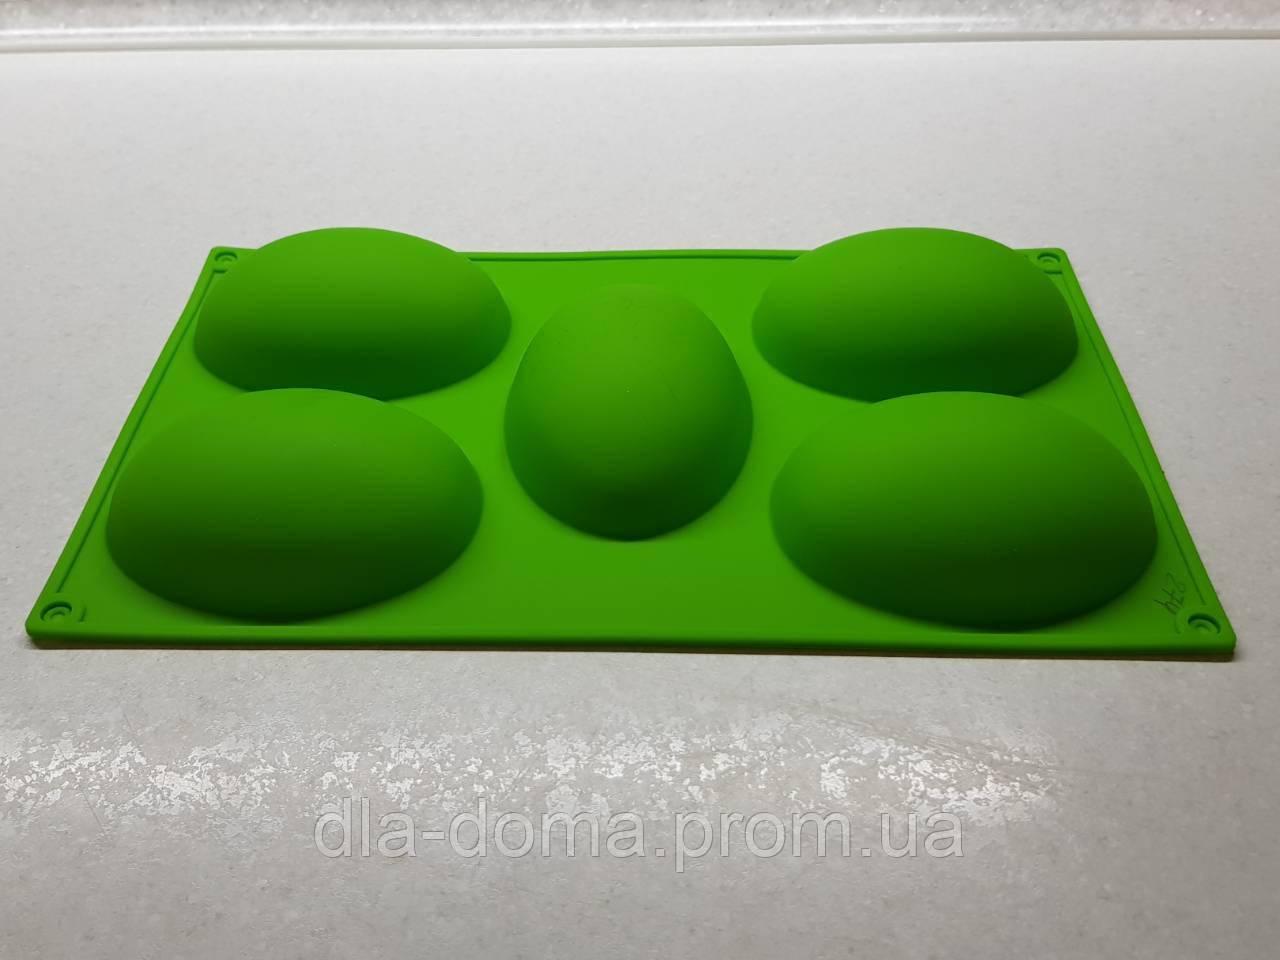 Силиконовая форма для пироженных